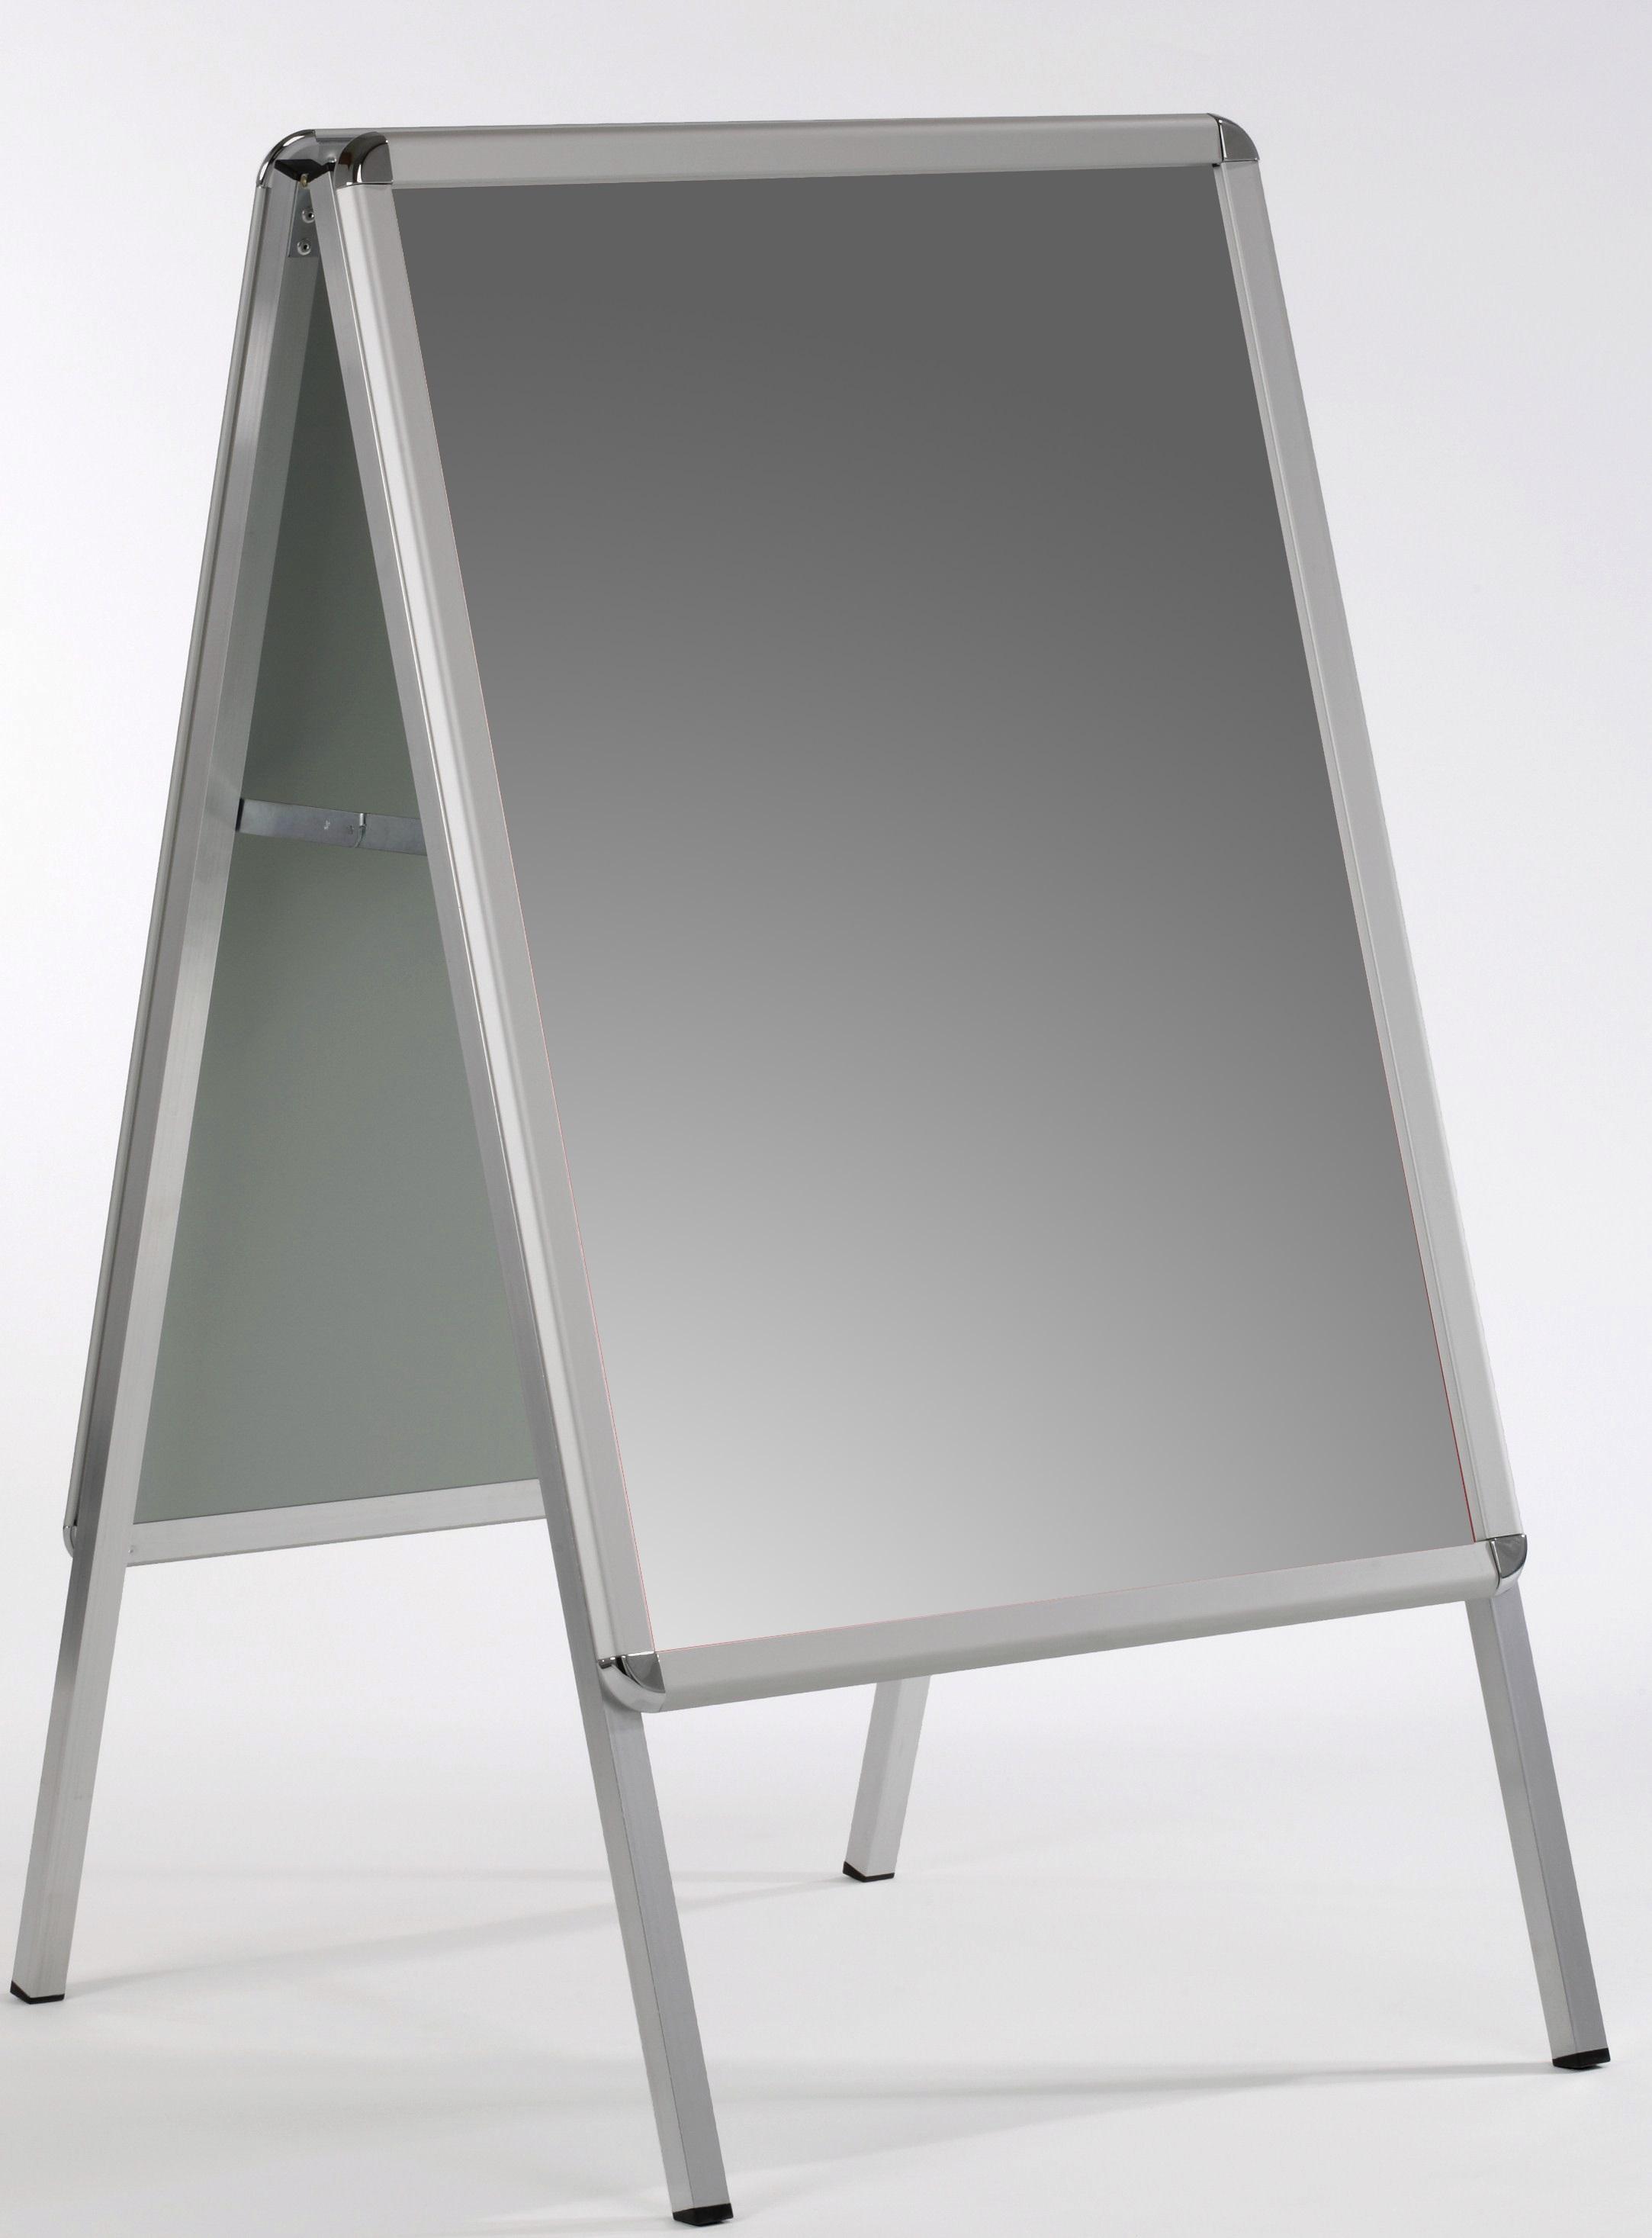 kuchenmobel vom hersteller kaufen : Kundenstopper DIN A2 g?nstig vom Hersteller kaufen